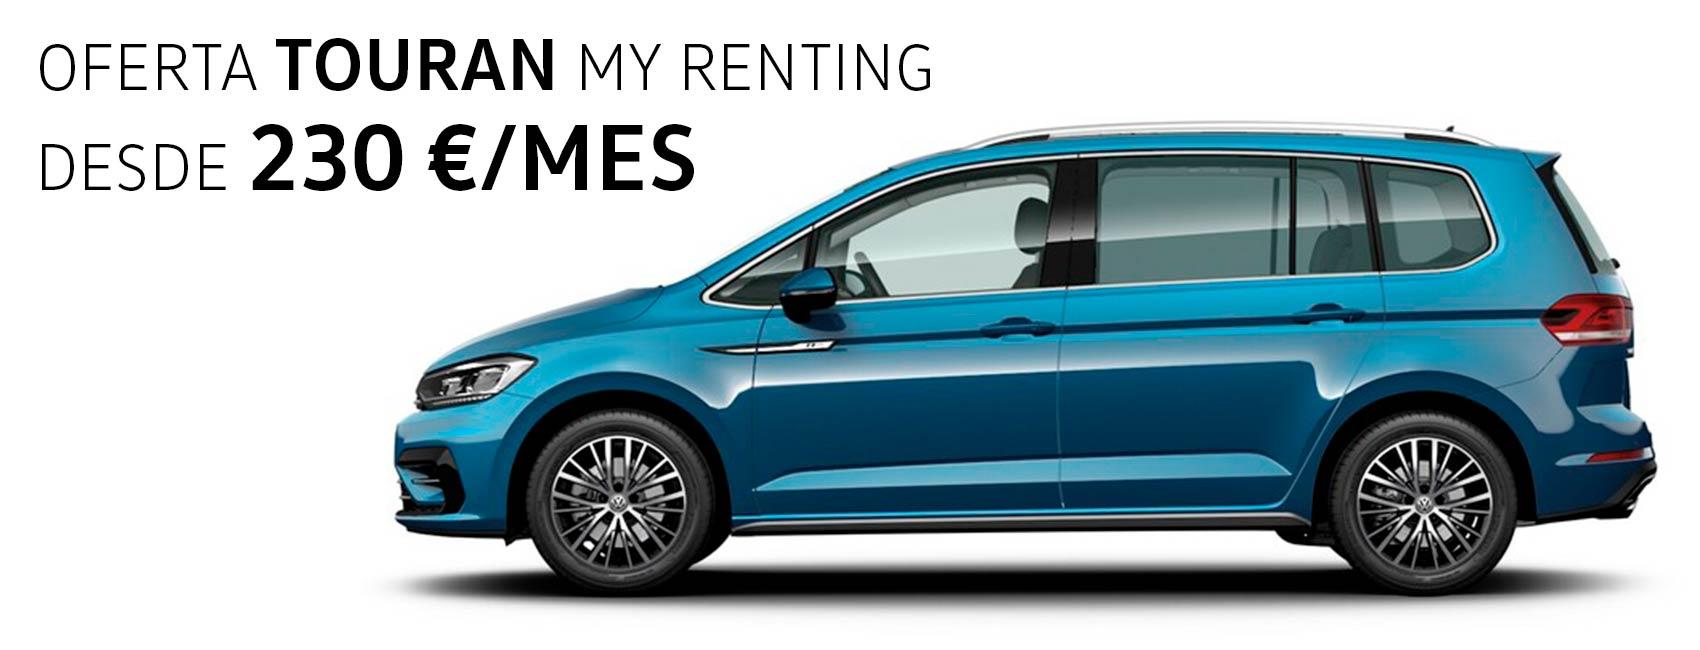 Volkswagen Touran Zaragoza renting